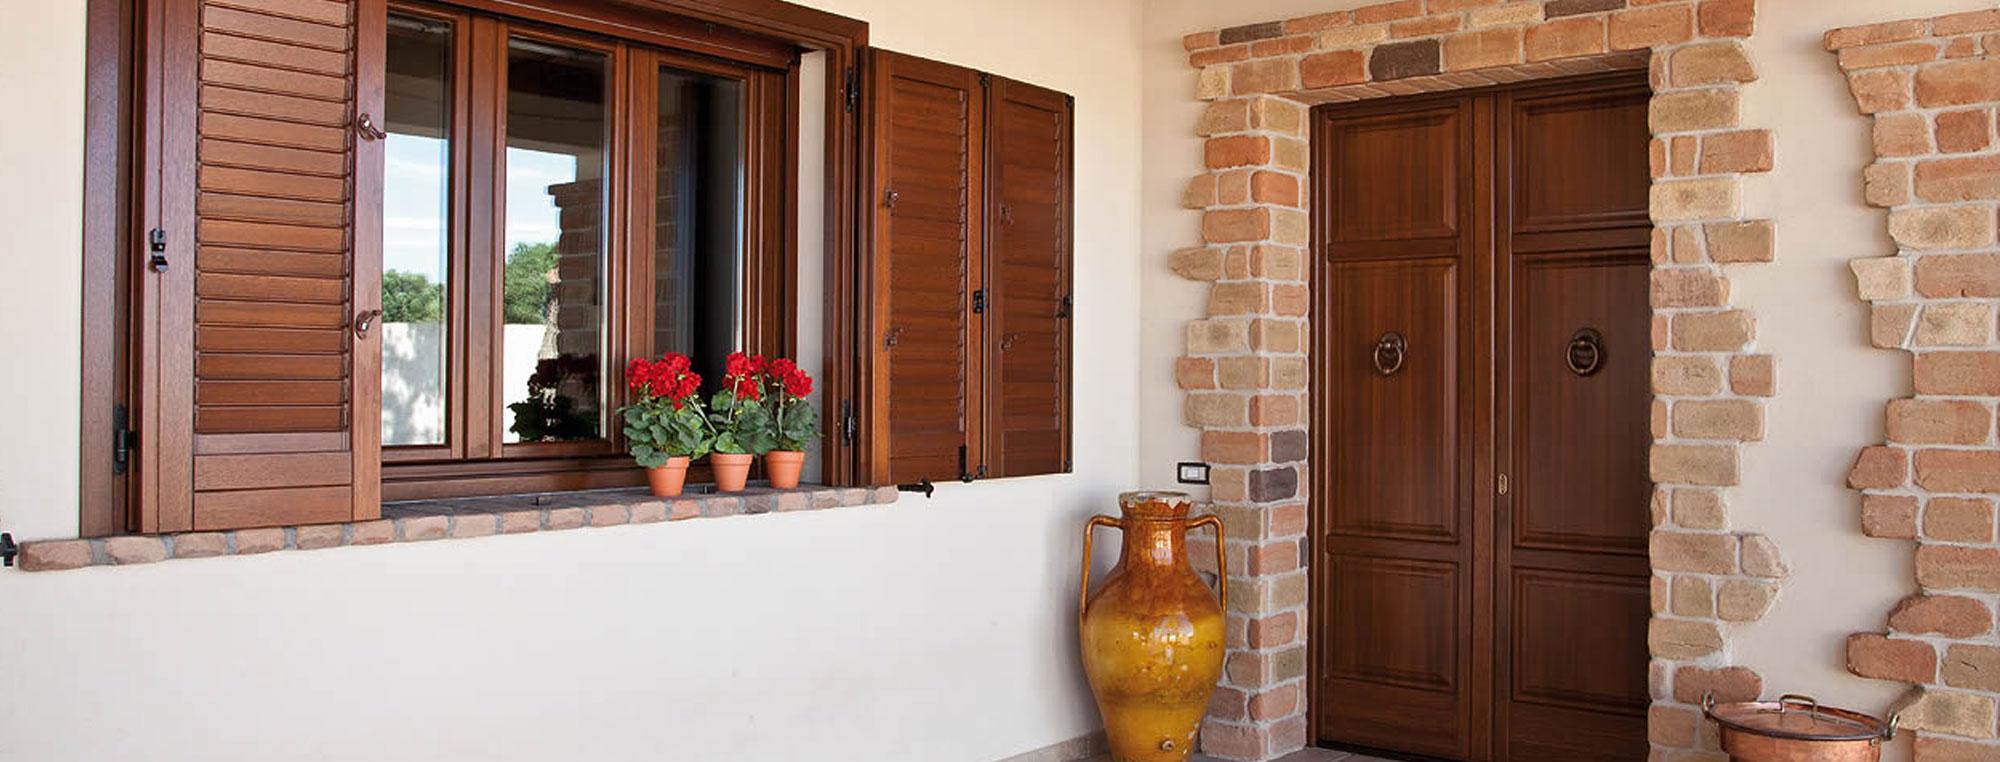 Come decorare le finestre in modo rustico